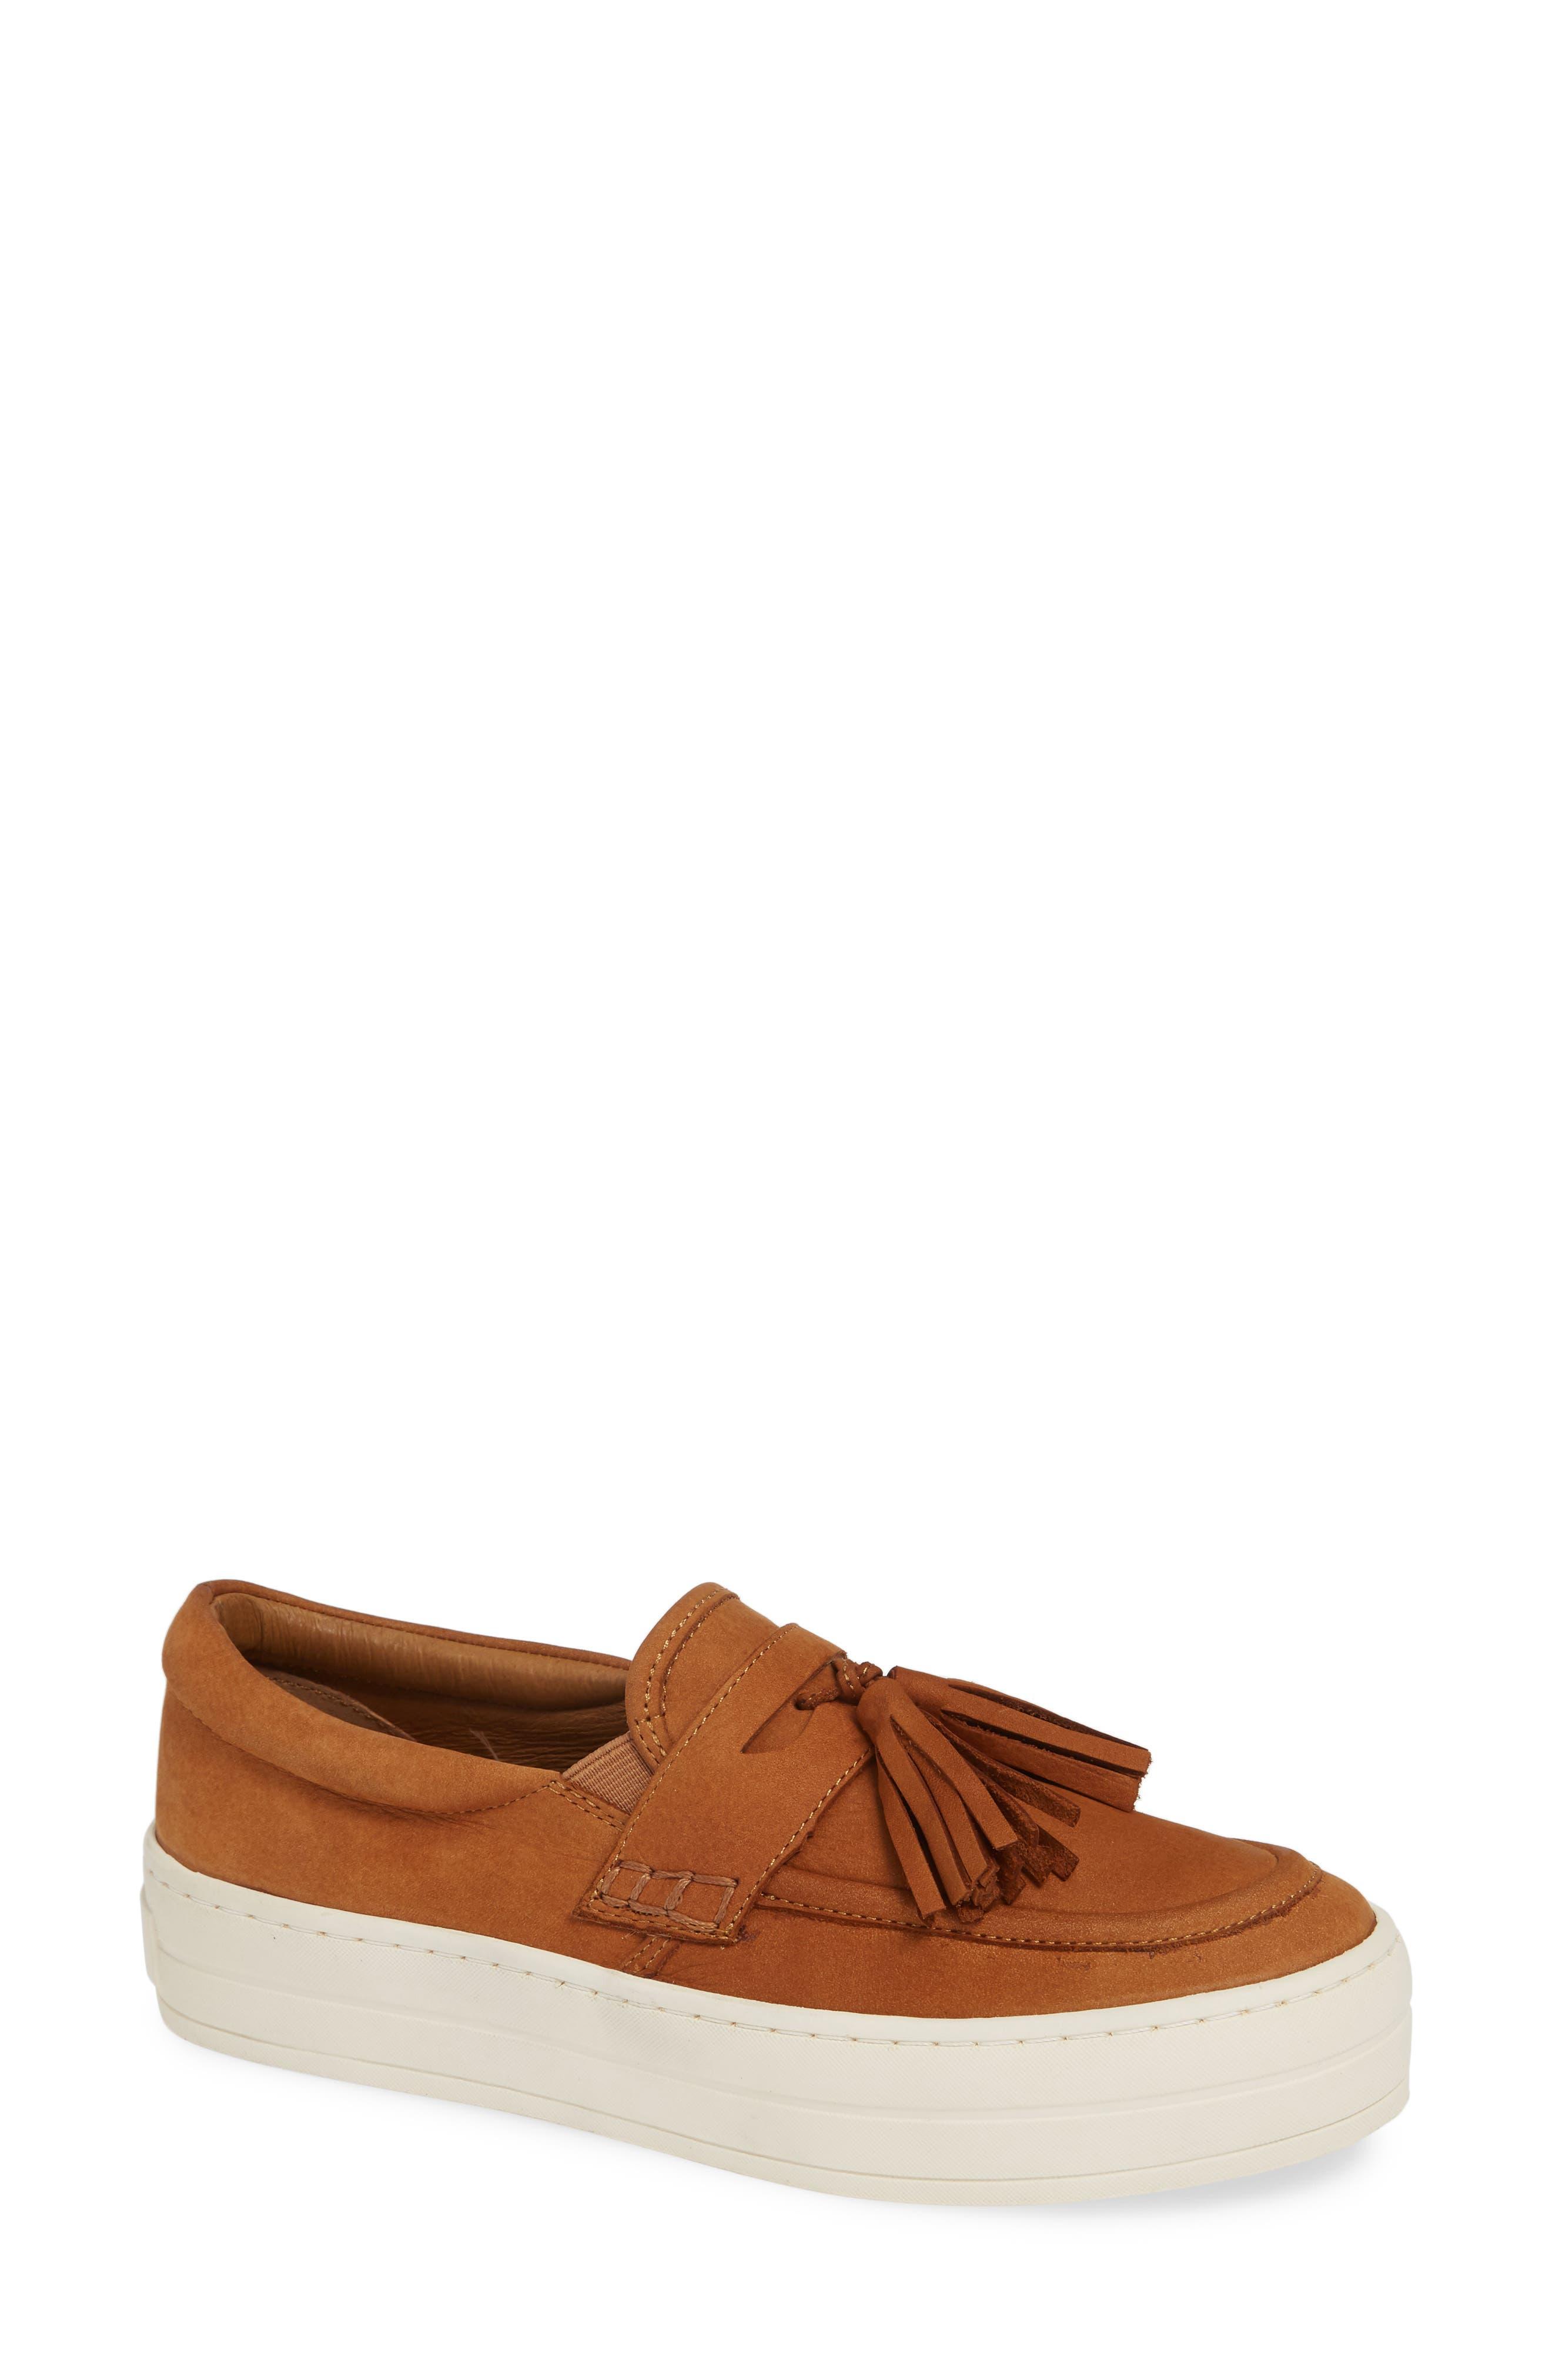 Jslides Hallie Slip-On Sneaker, Brown